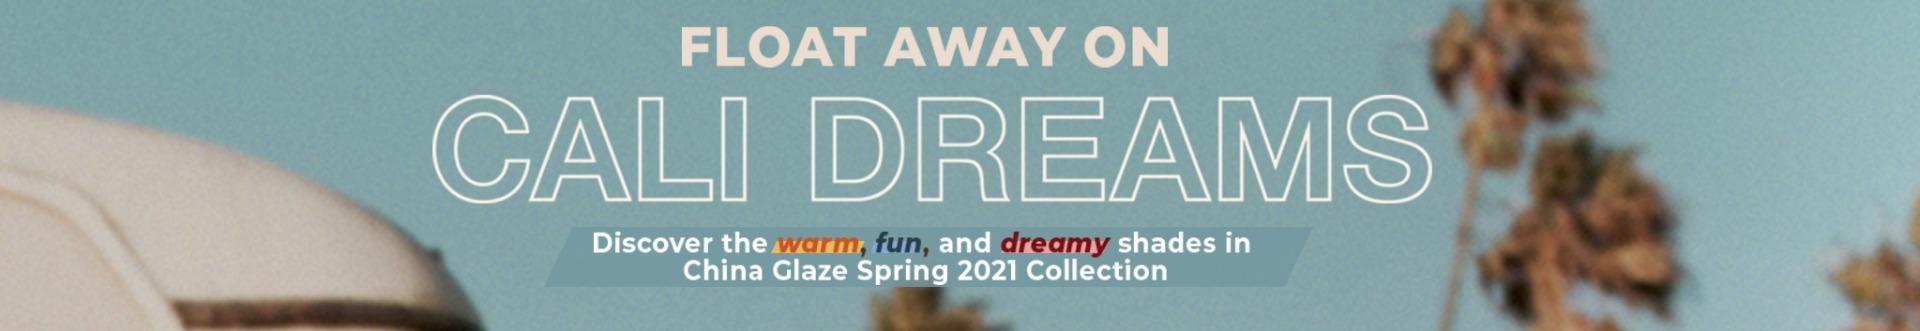 Spring 2021 Collection: Cali Dreams